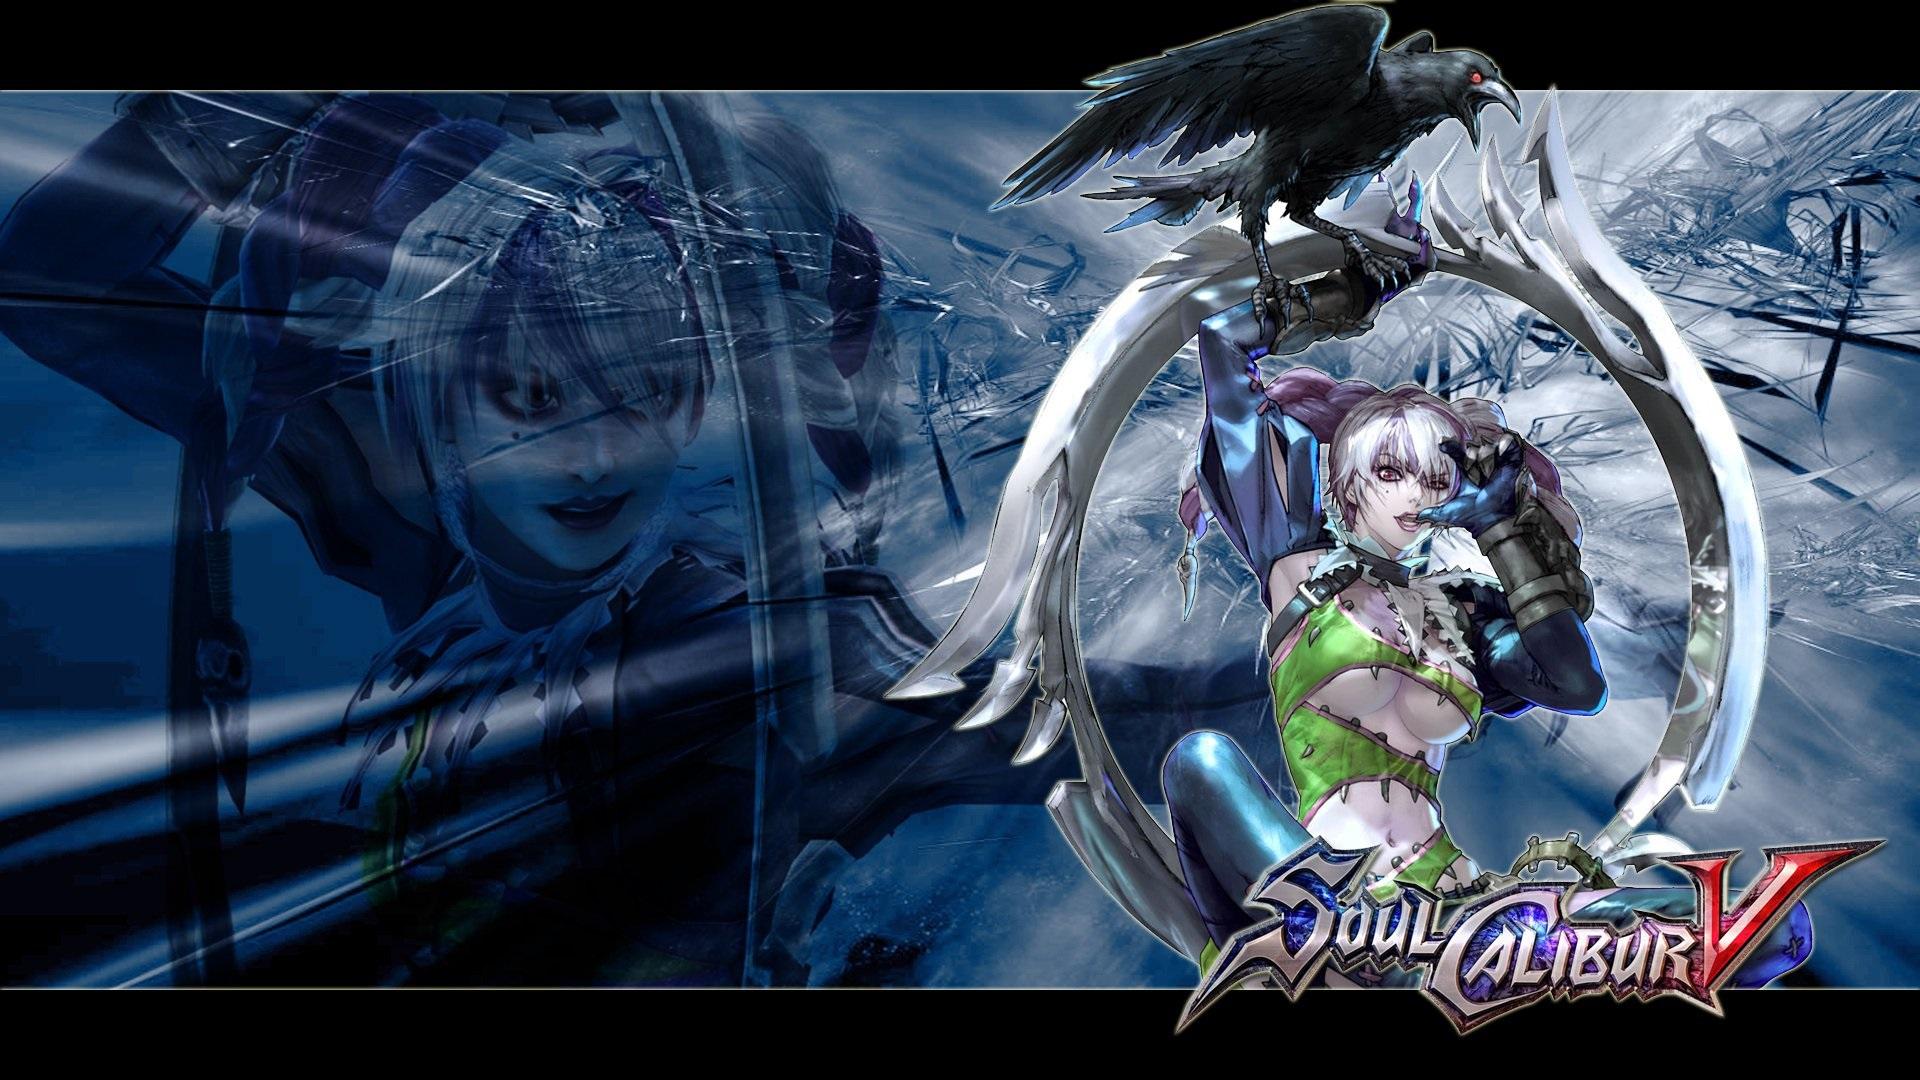 Soul Calibur Game